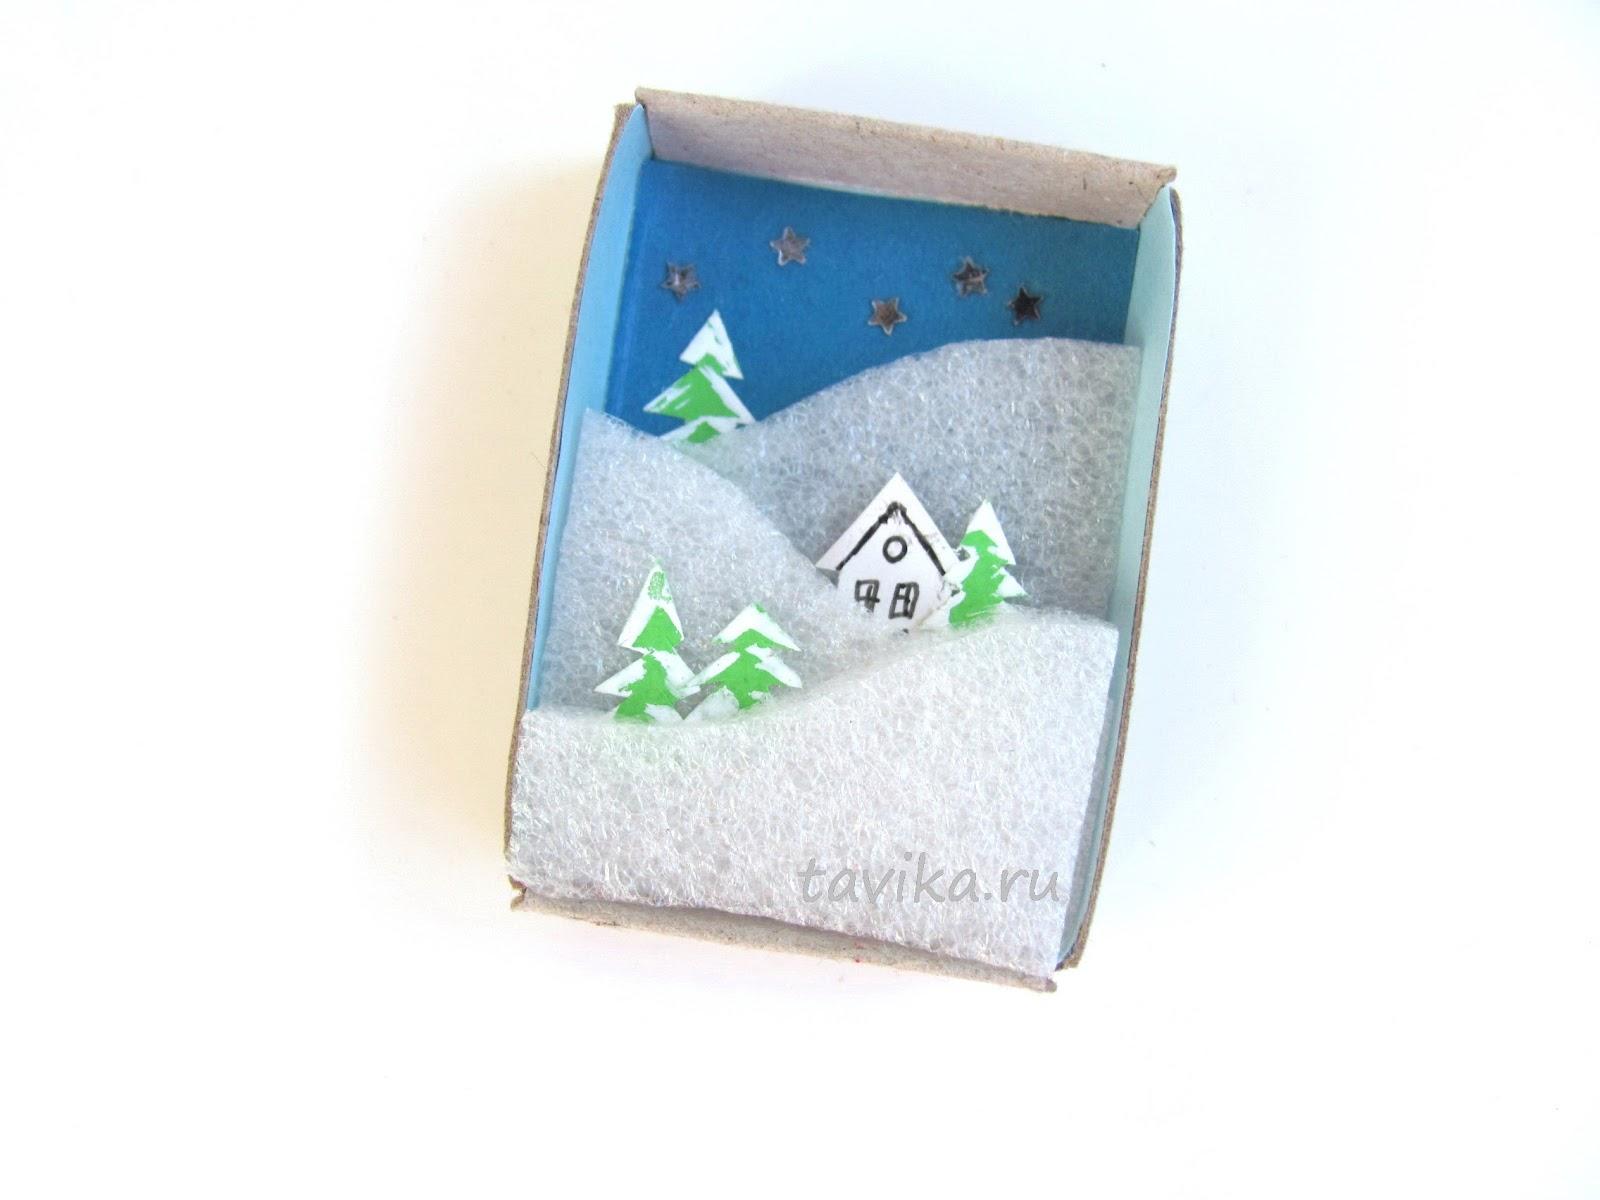 25 интересных штучек из спичечных коробков